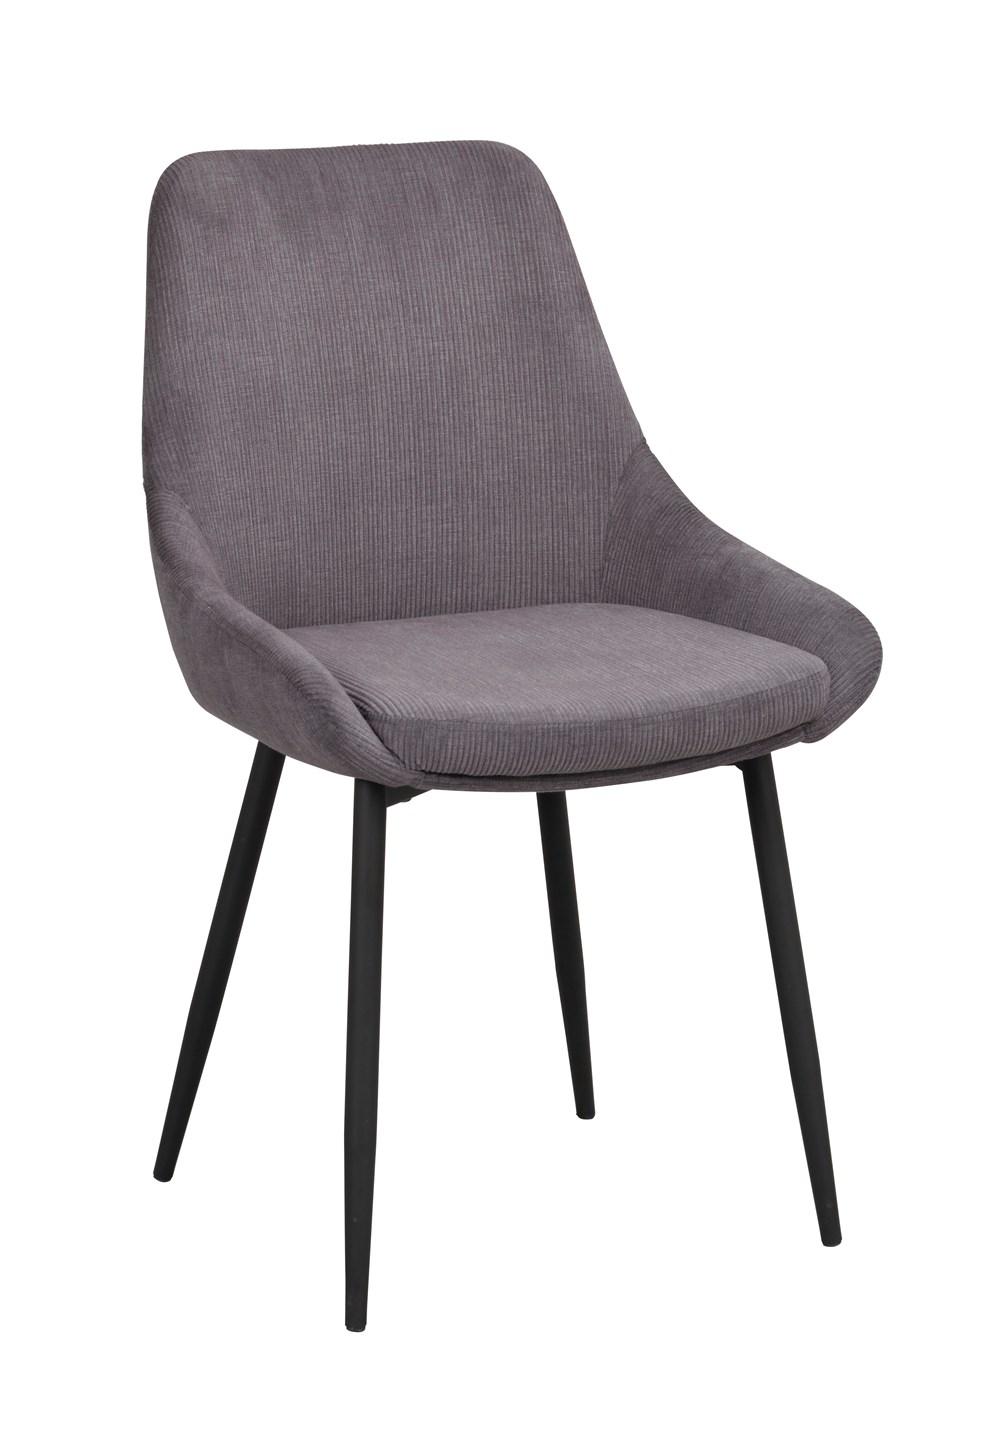 Sierra tuoli harmaa vakosametti / musta metalli, Rowico